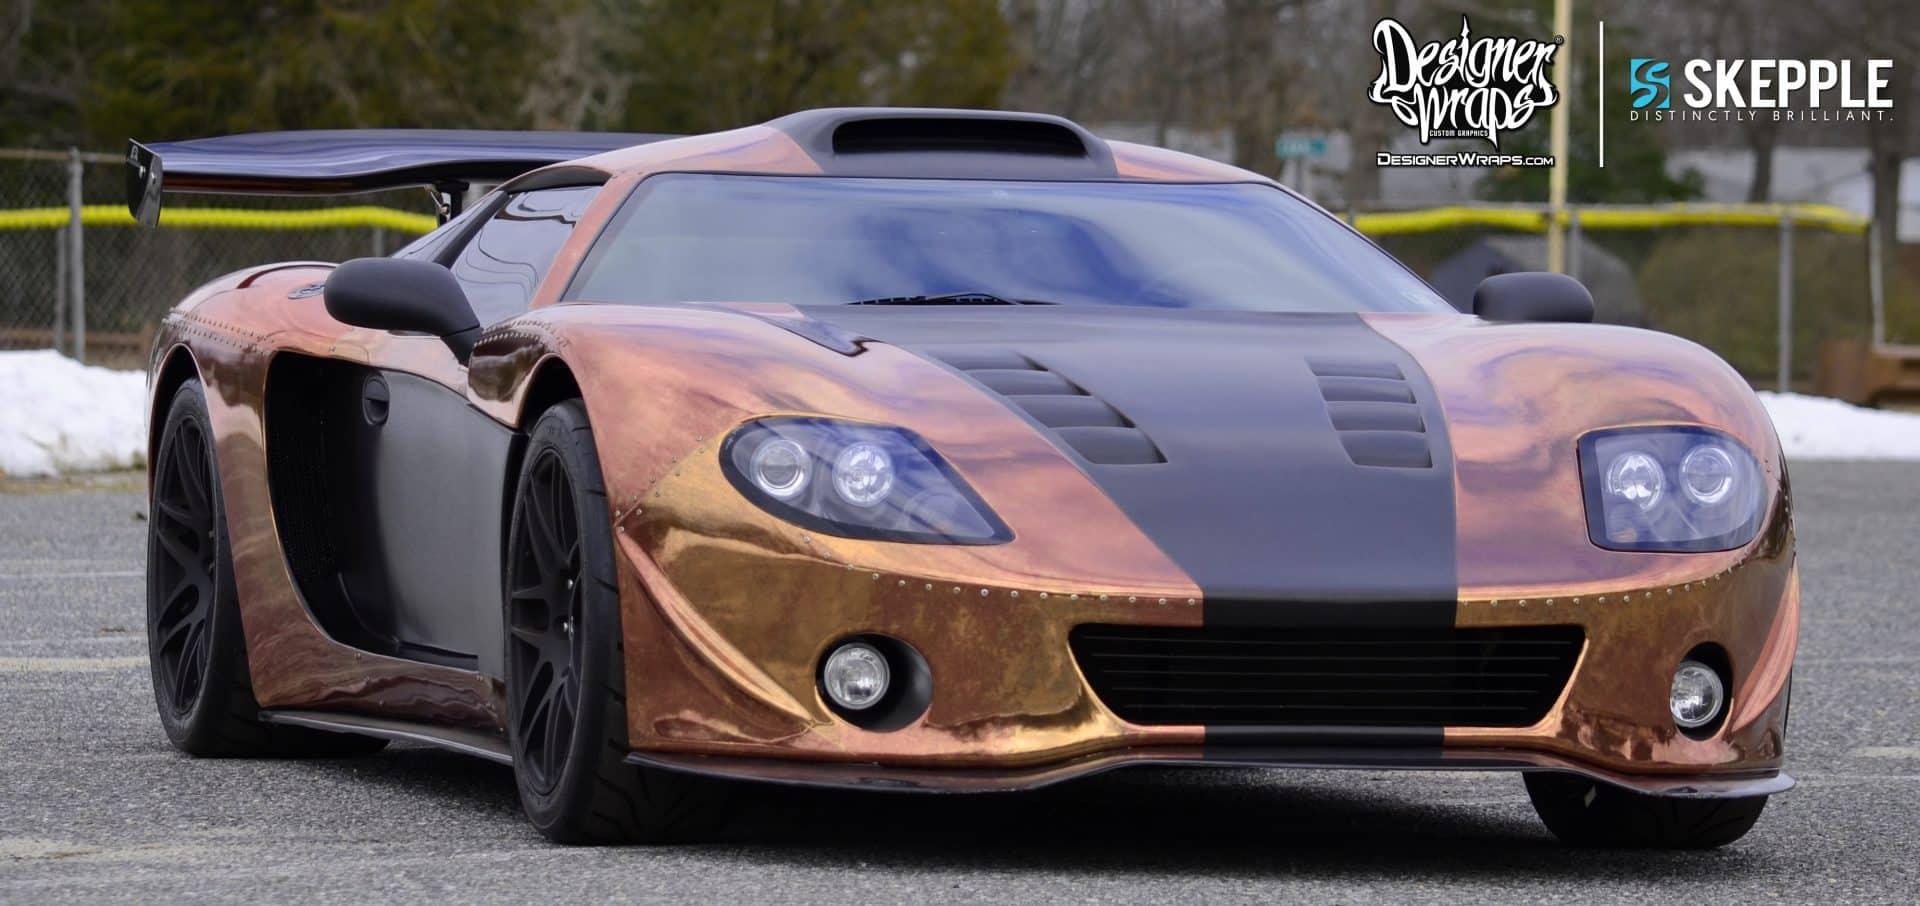 Custom copper panel wrap design for designer wraps millville nj